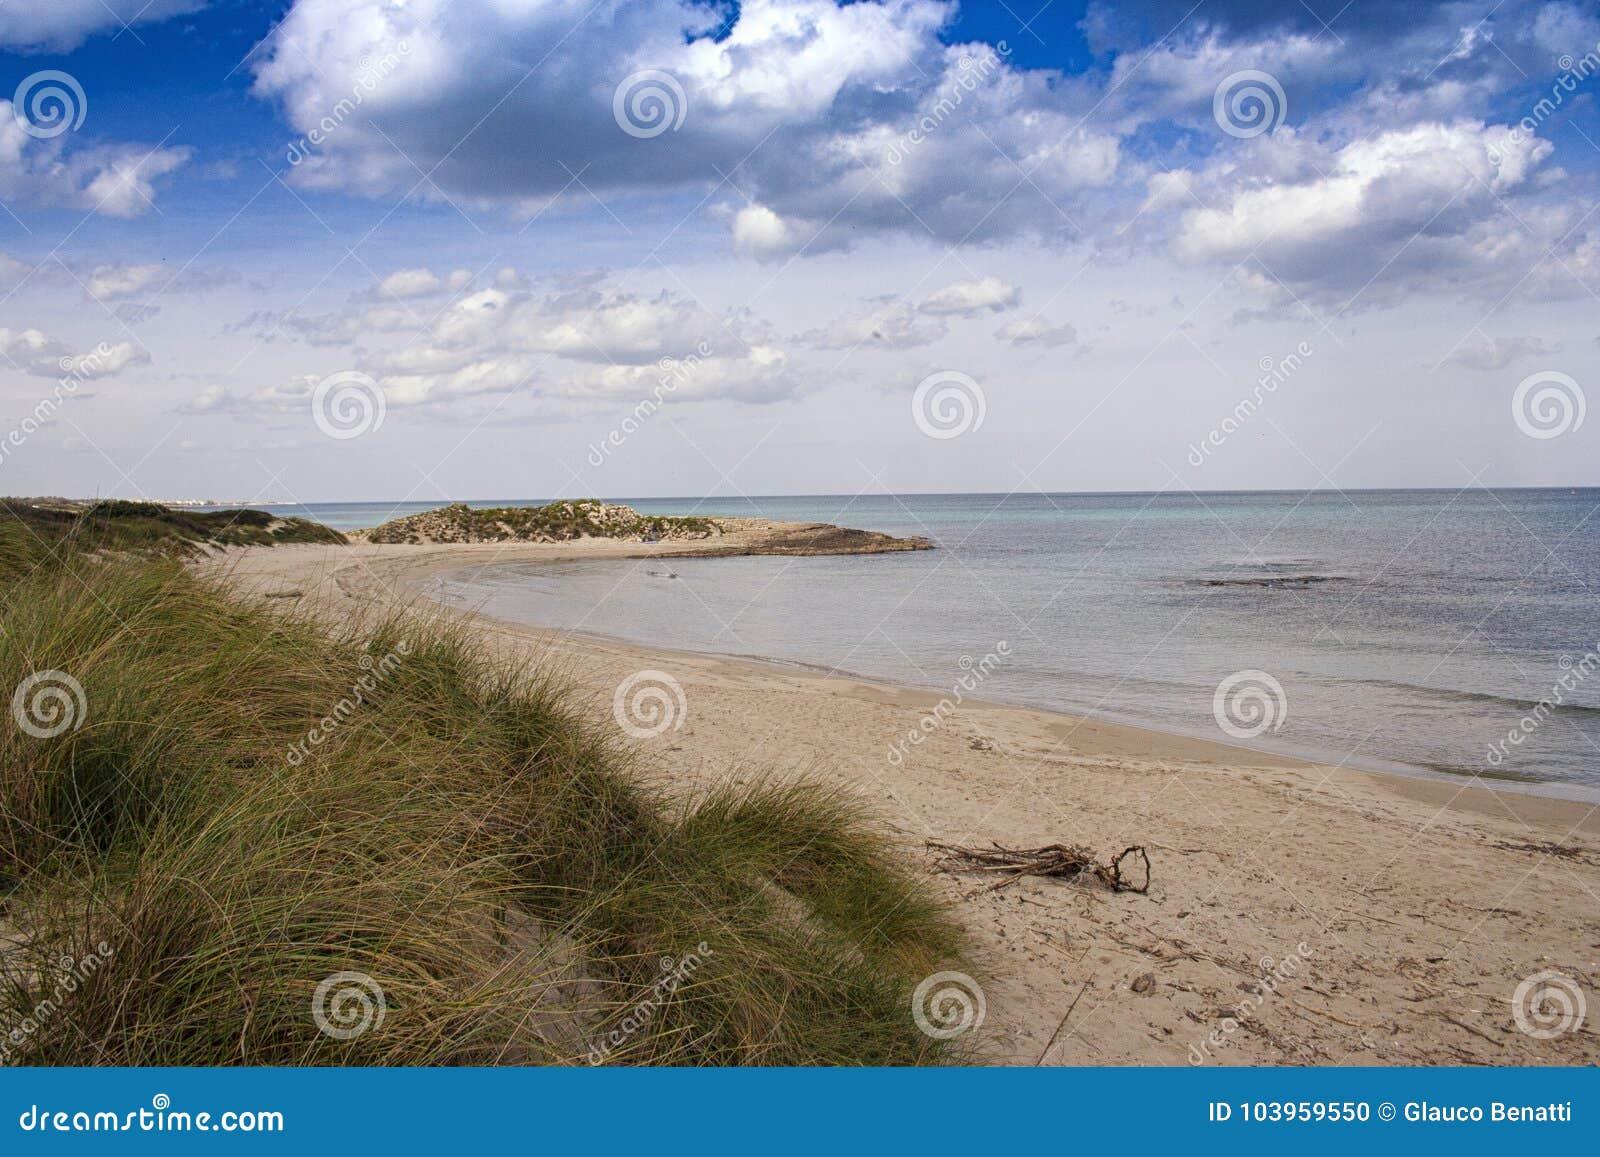 Spiaggia del mare con vegetazione